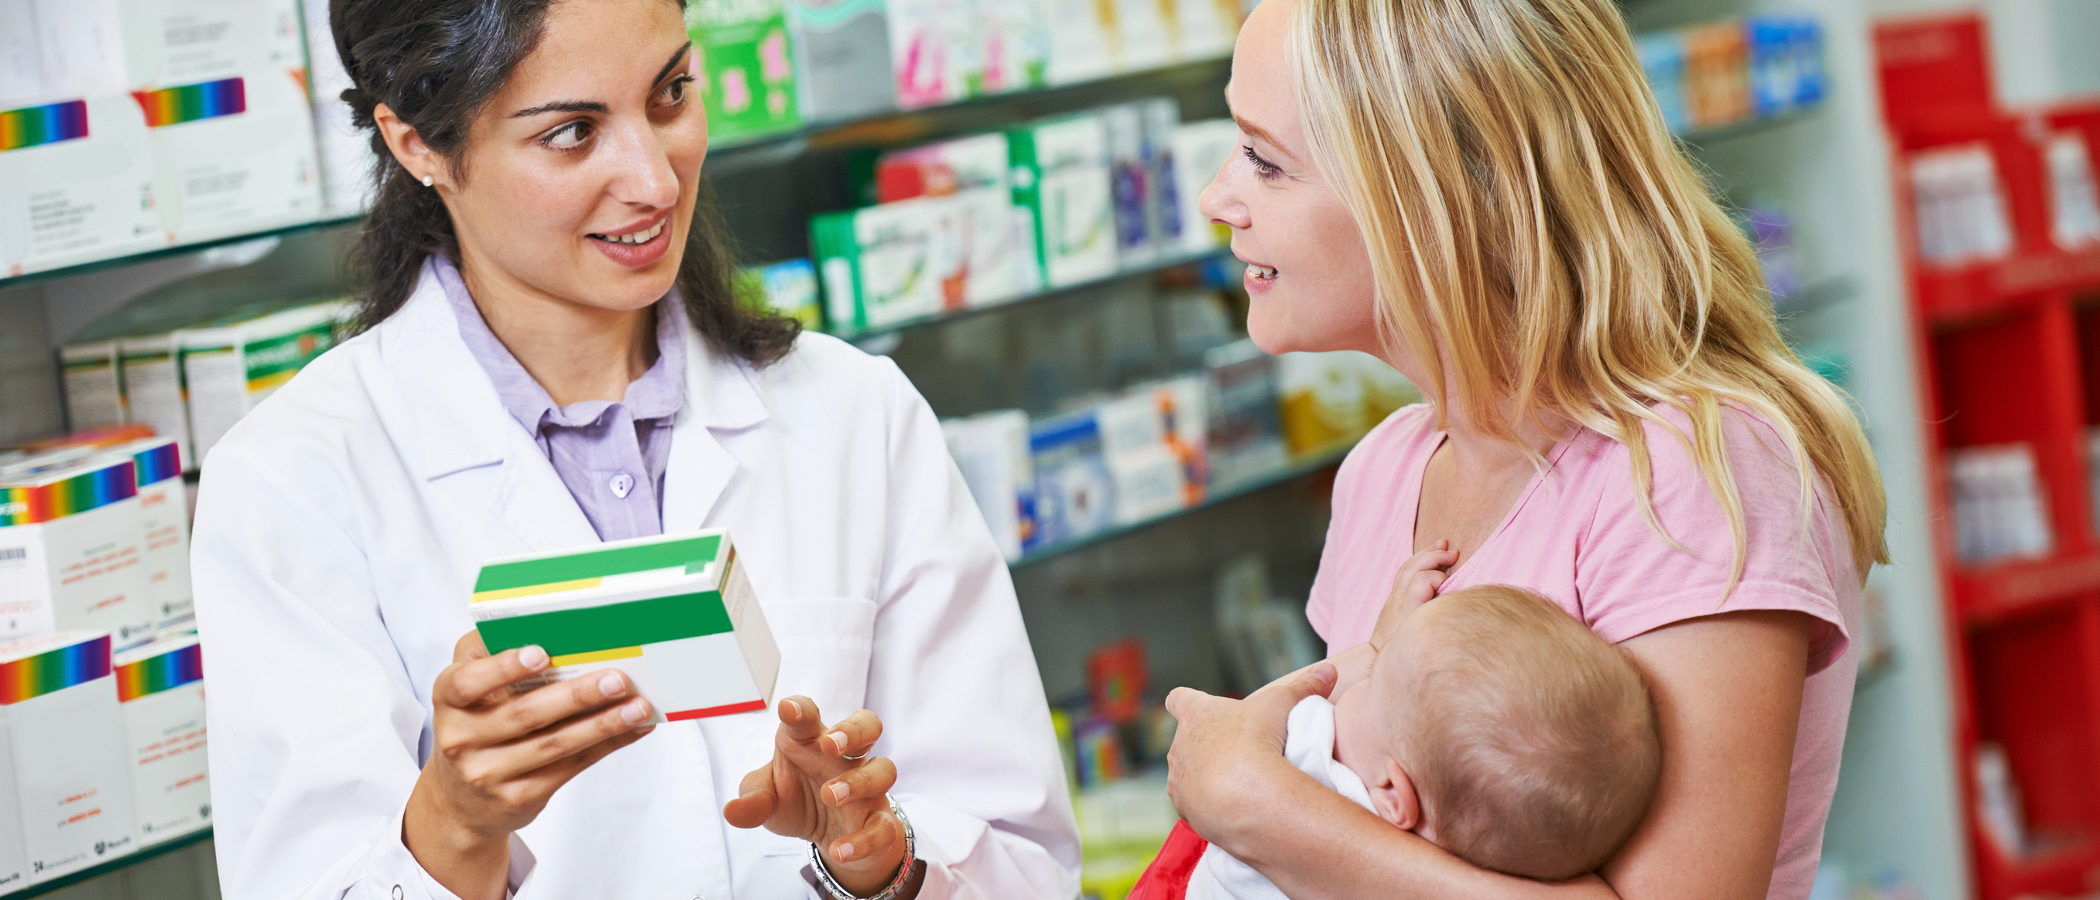 Vacunas voluntarias de pago, ¿las debería poner o no?